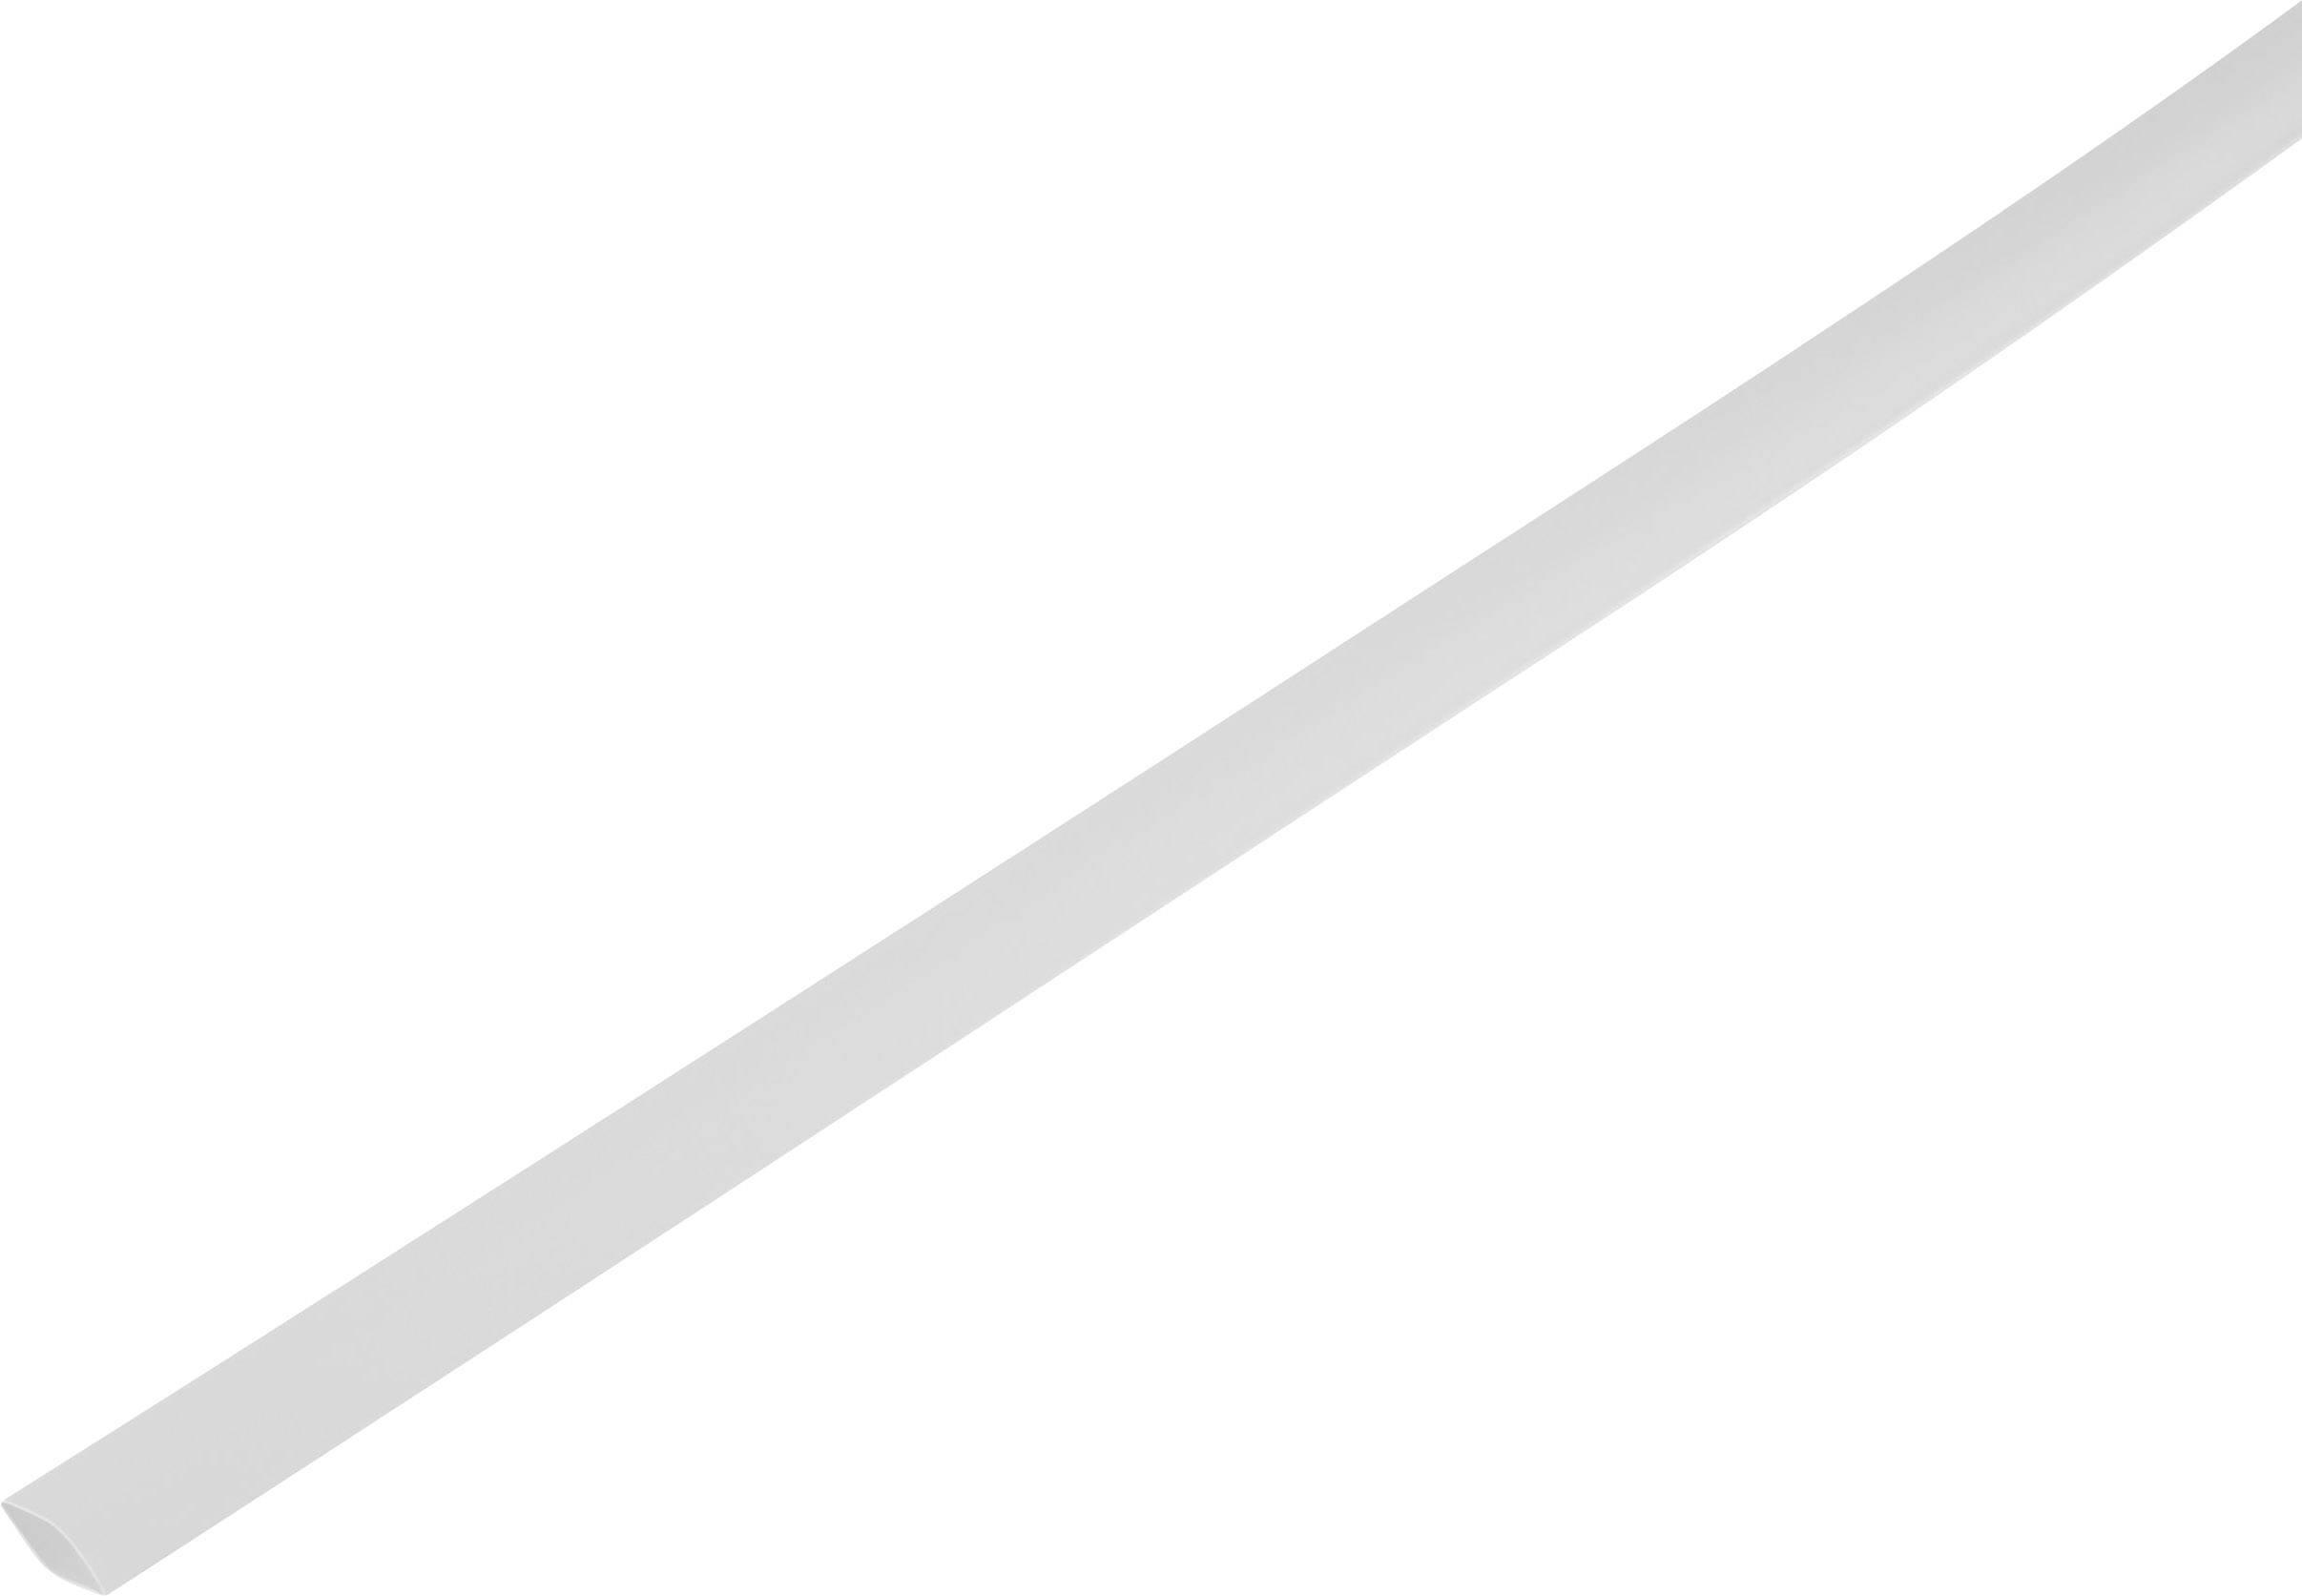 Zmršťovacia bužírka bez lepidla 1225492, 2:1, 8.60 mm, biela, metrový tovar